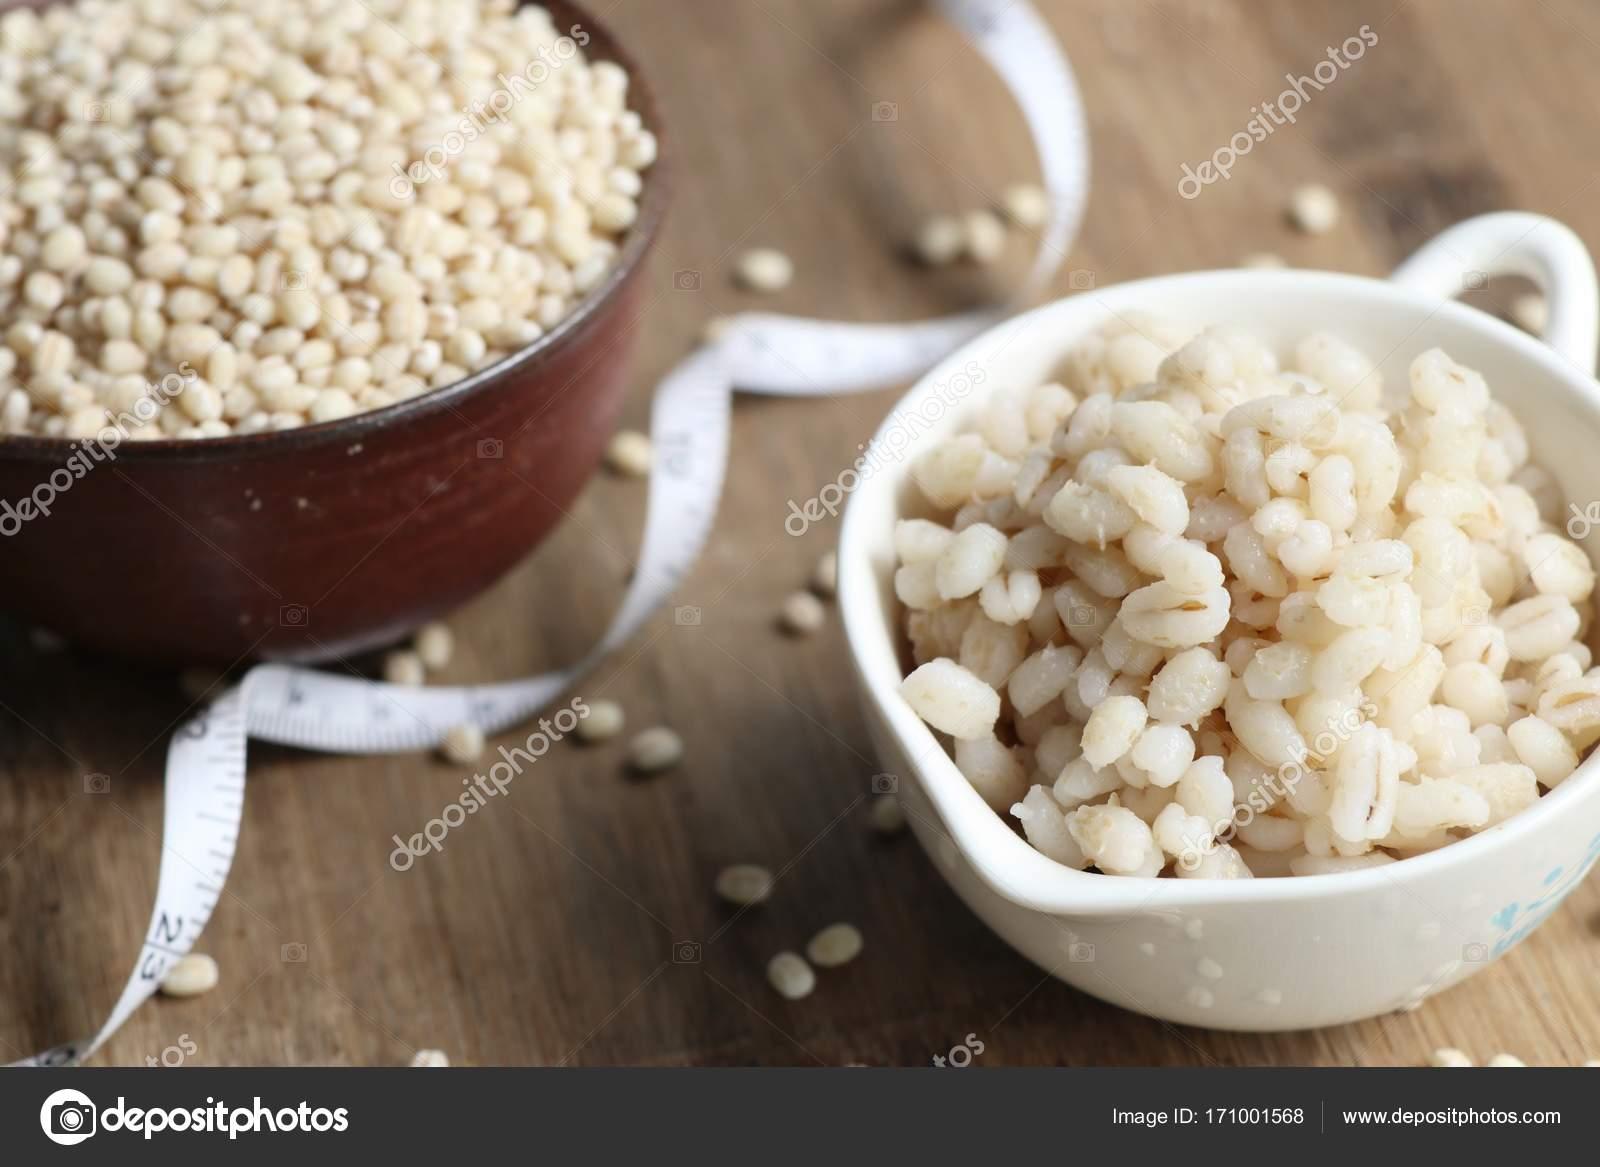 Приготовленные семена ячменя — Стоковое фото © oilslo #171001568